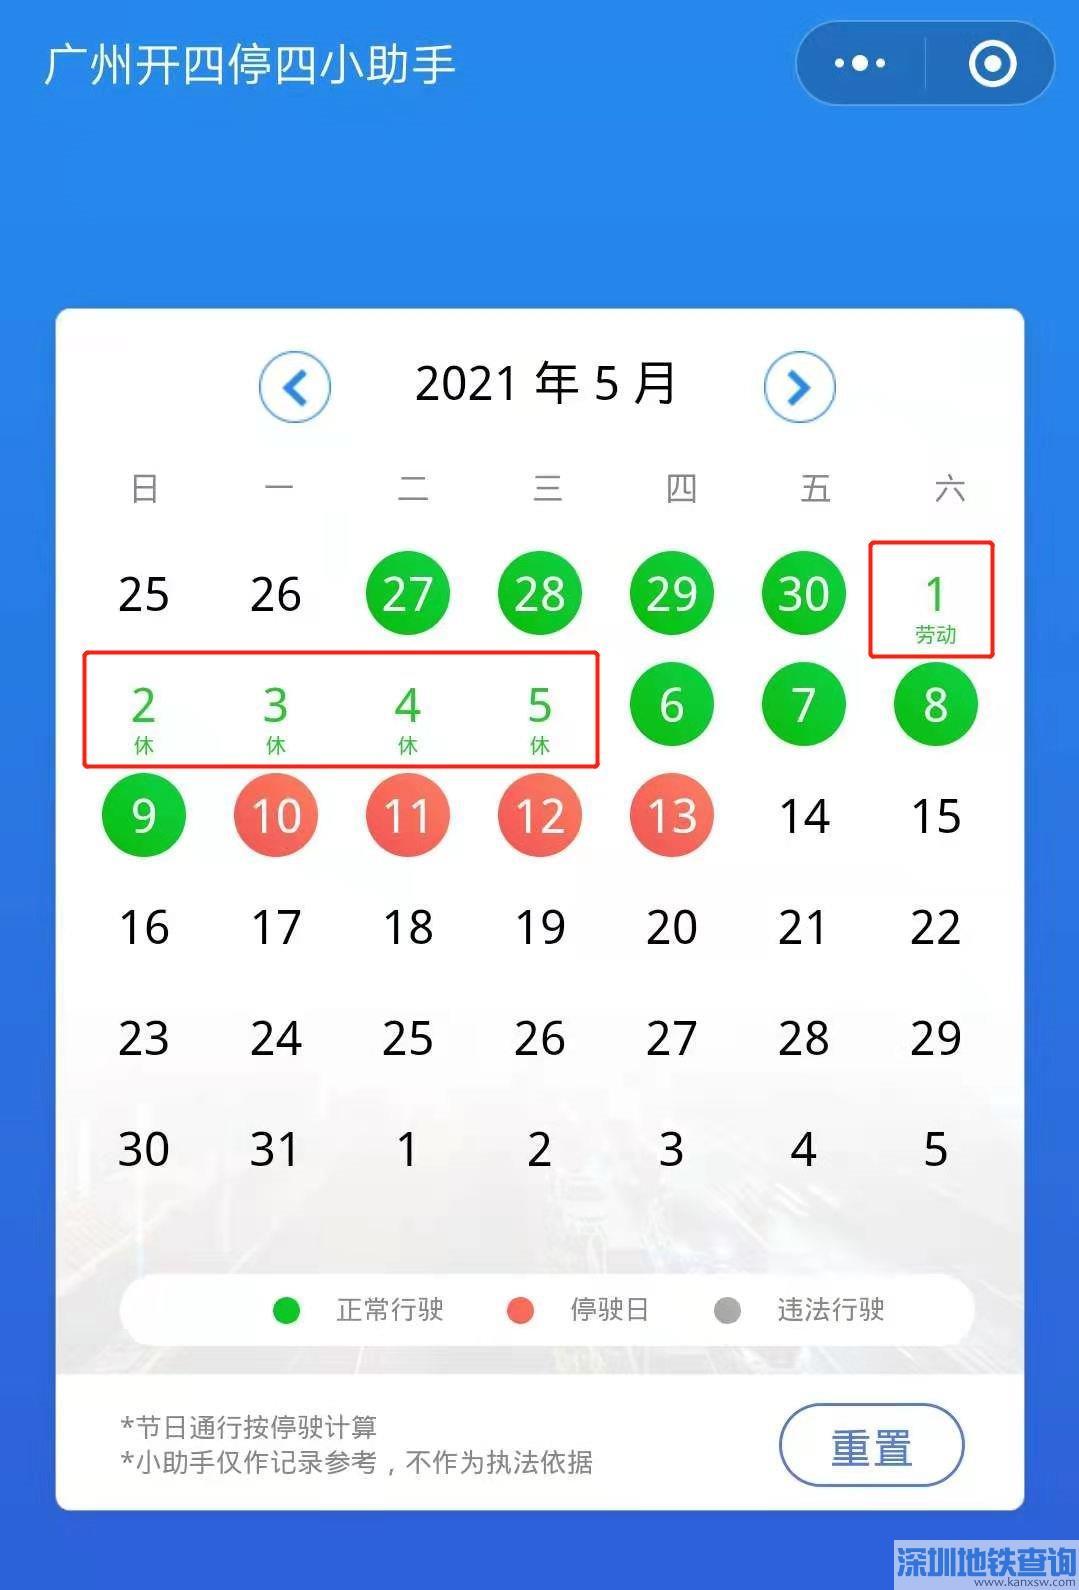 广州2021五一限行外地车辆吗?不限行